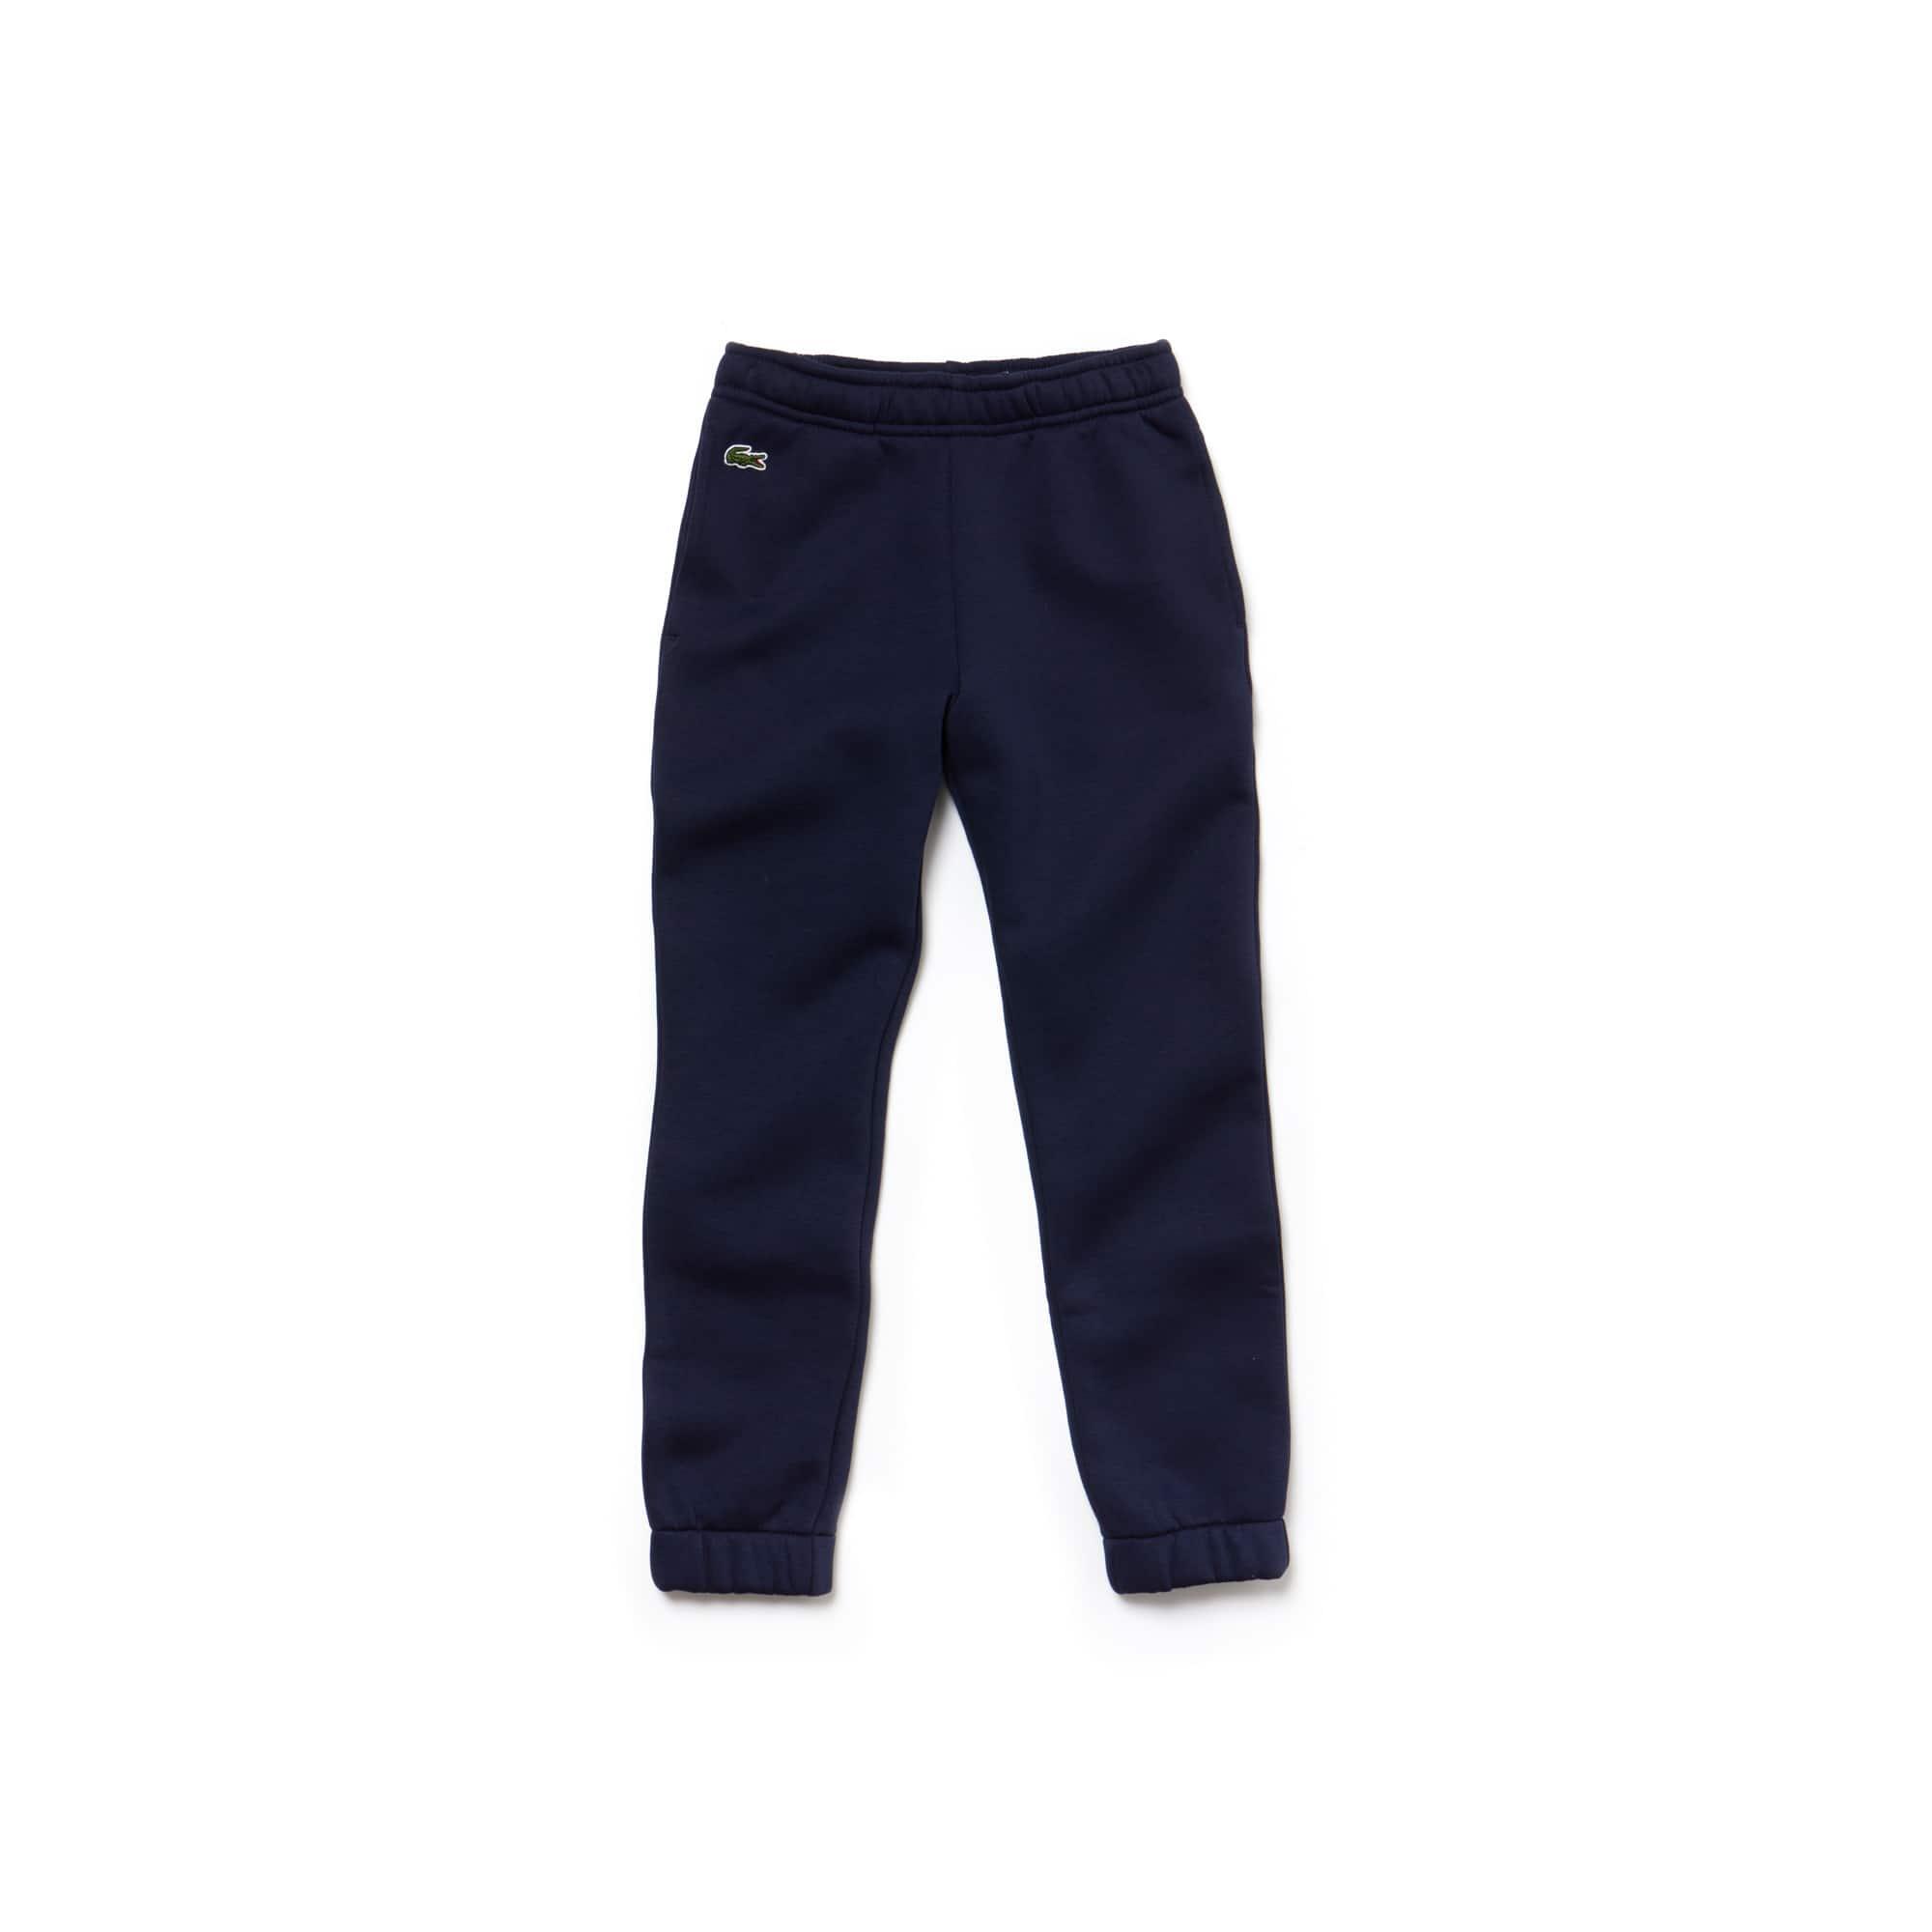 c783b4a6f Clothing & Footwear | Kids Sport | LACOSTE SPORT